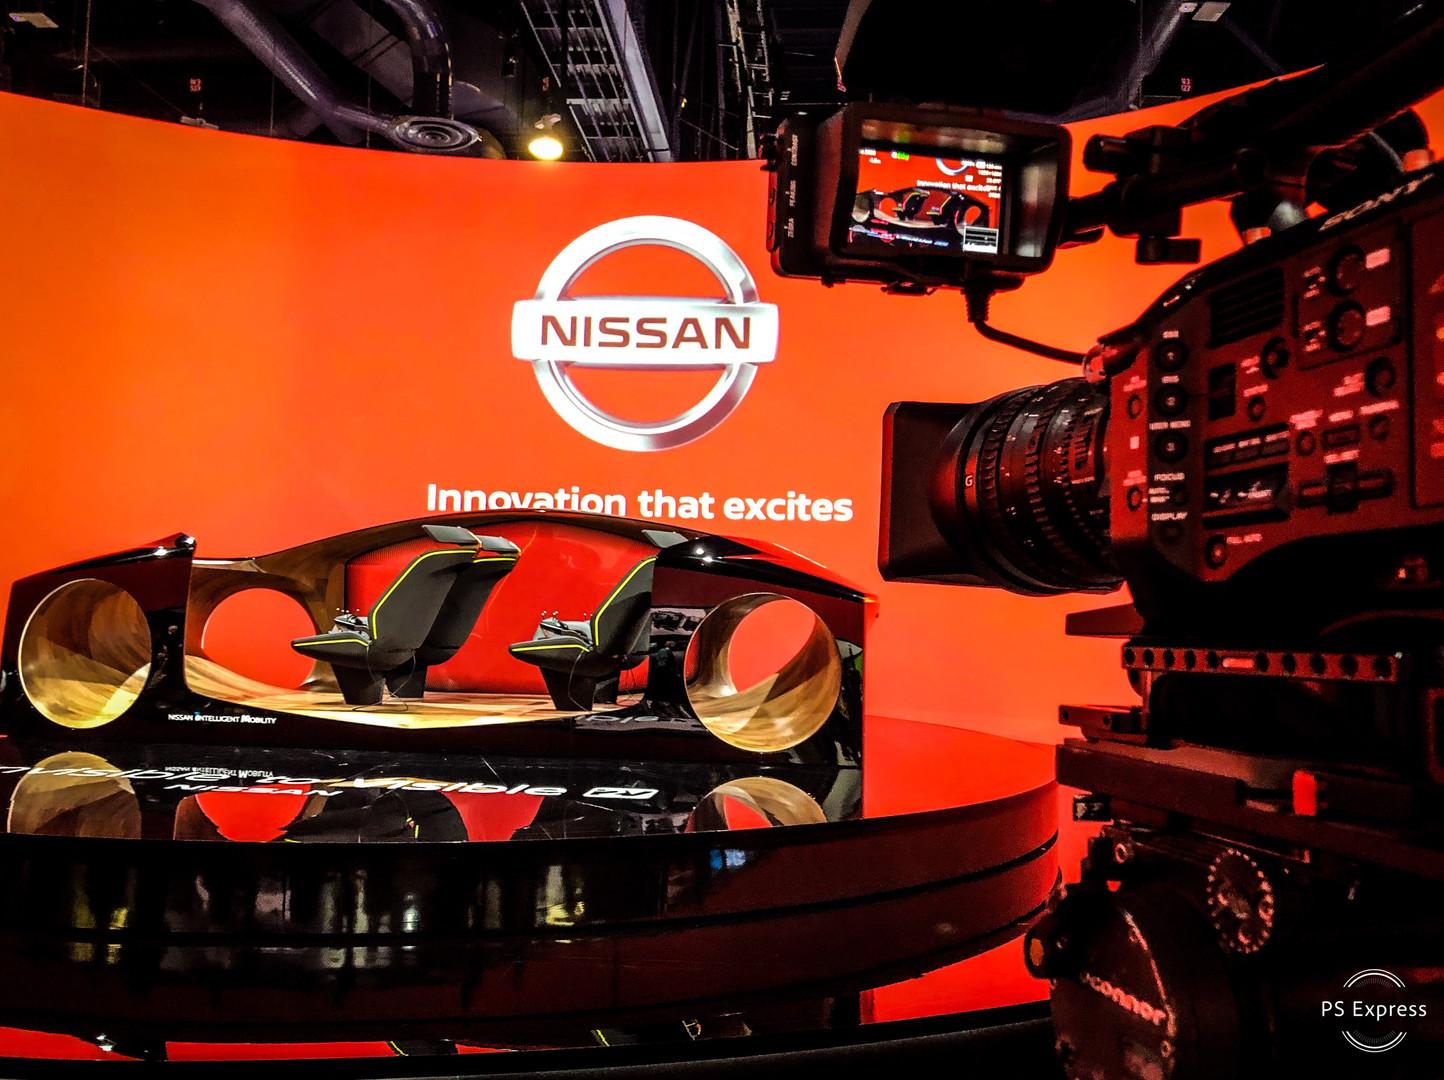 CES 2019 Nissan Booth, Las Vegas